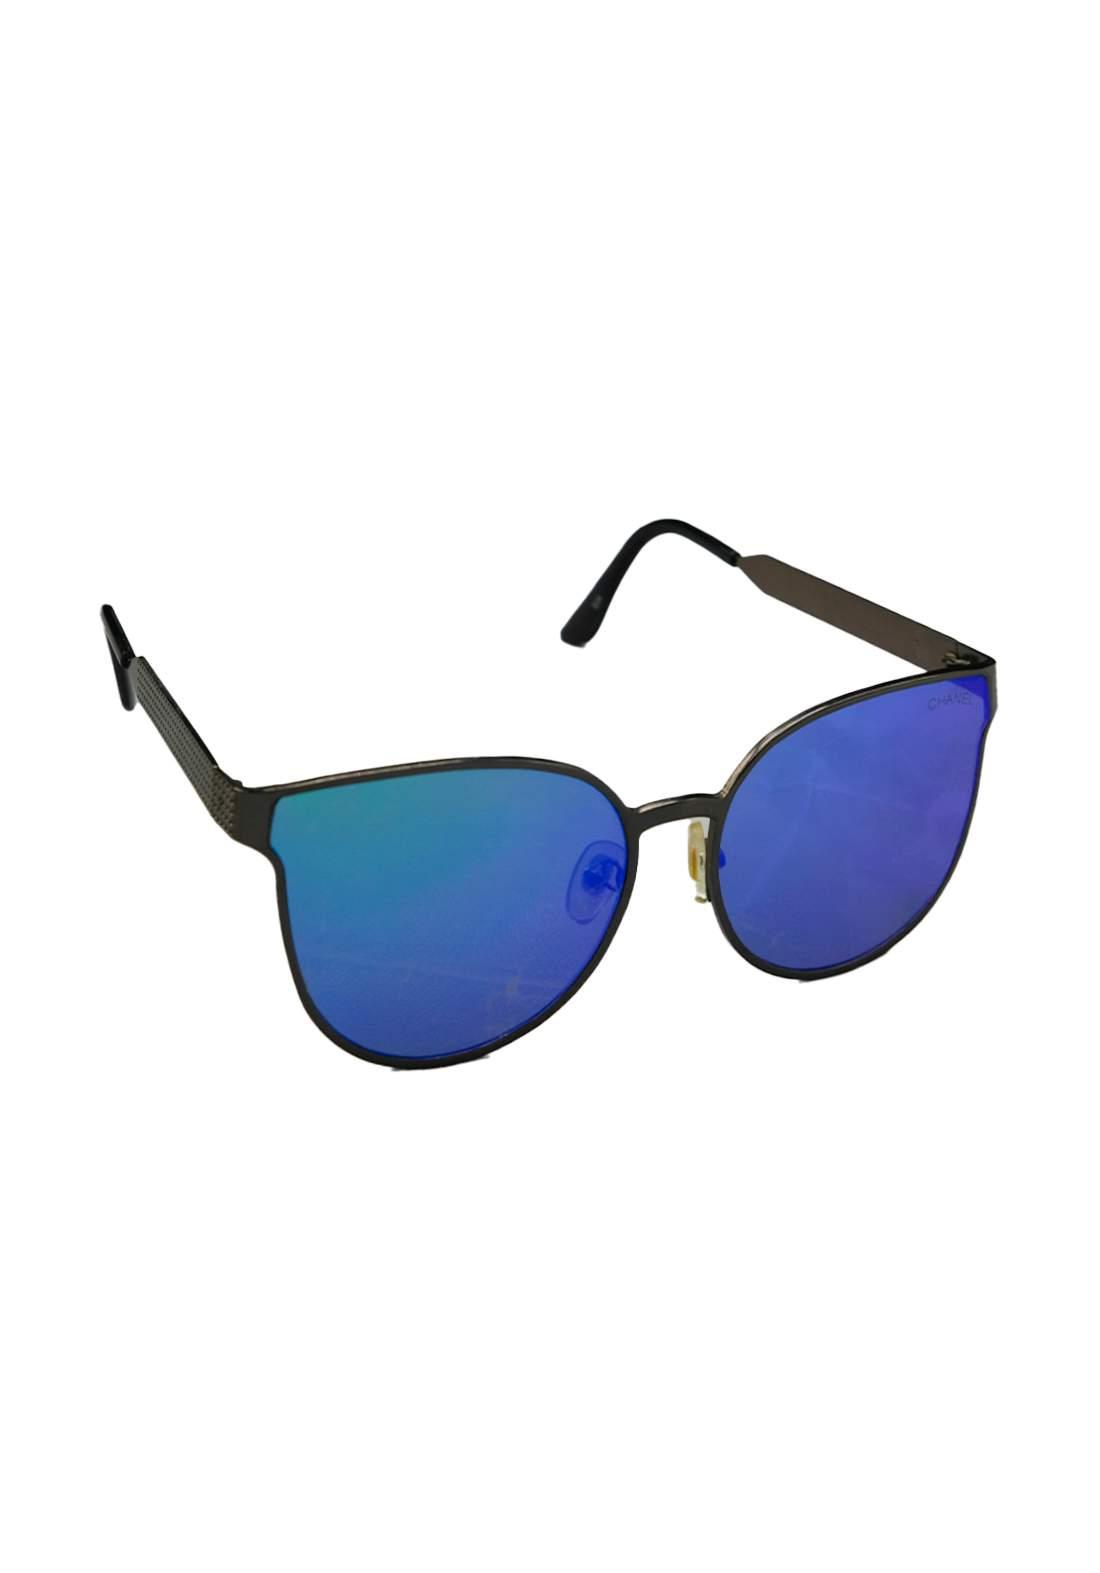 نظارات شمسية نسائية زرقاء اللون